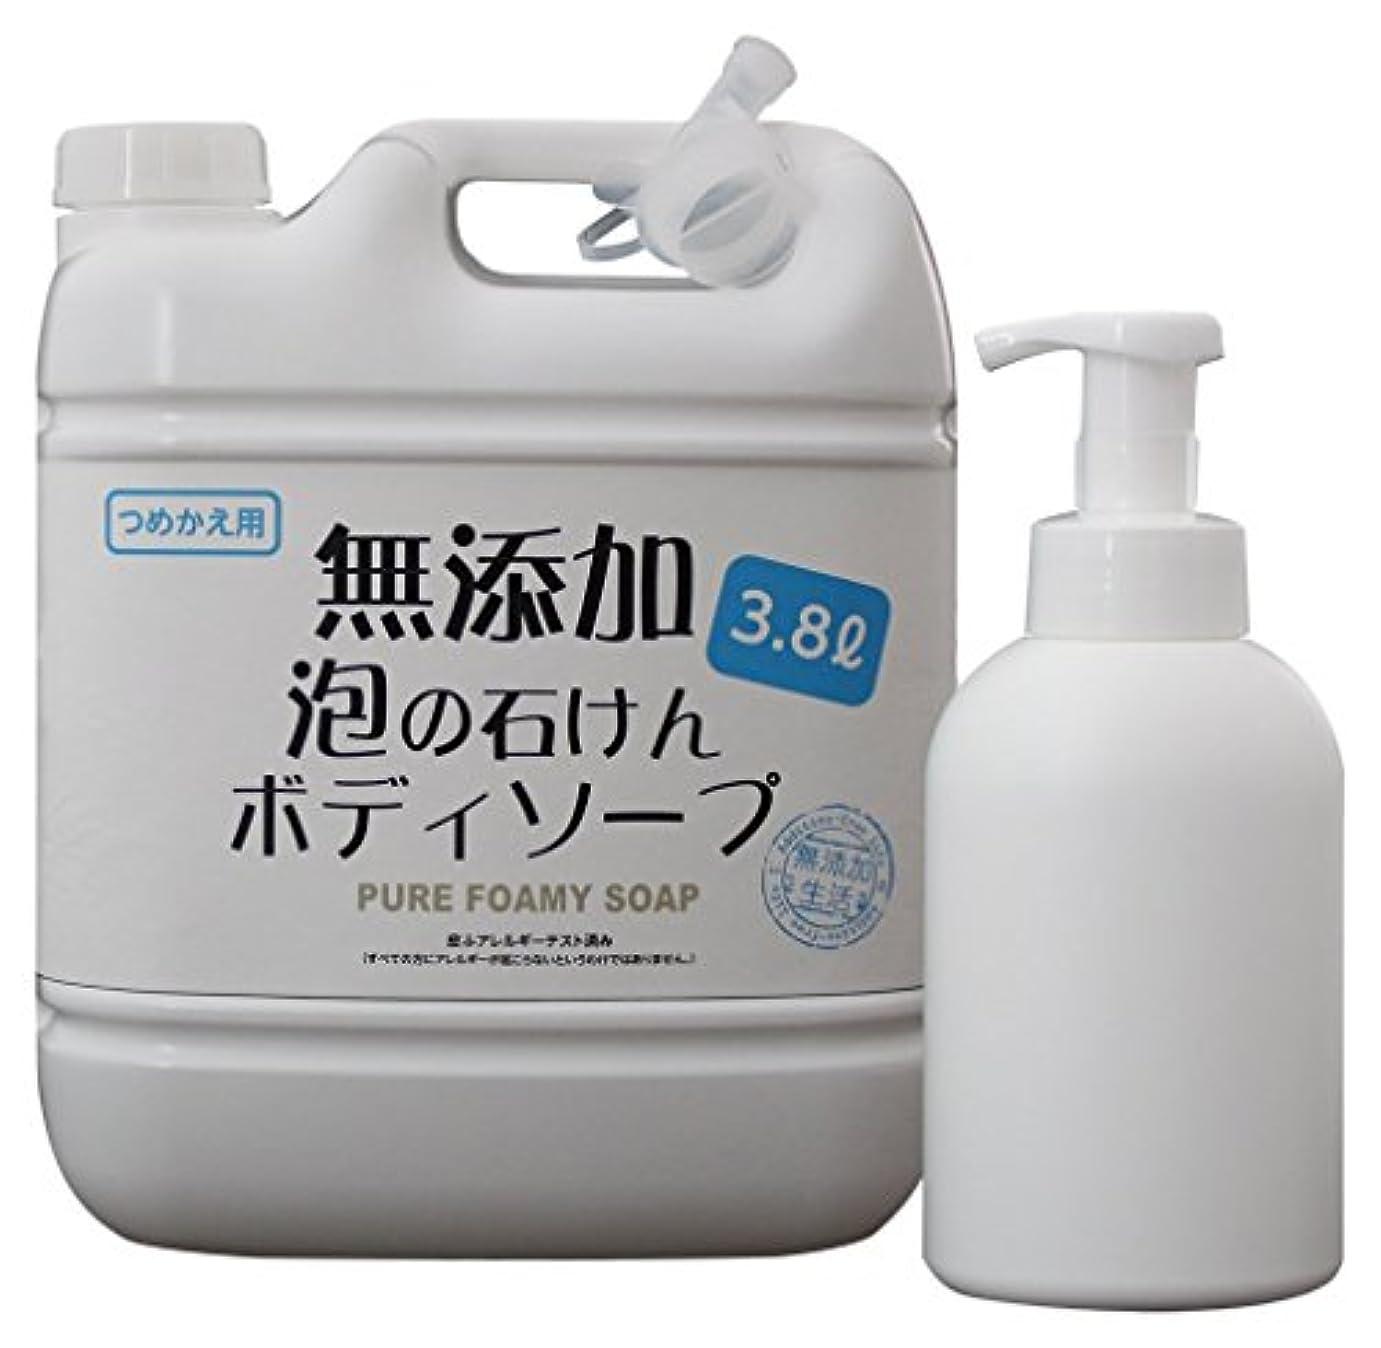 乳製品祖父母を訪問バランス無添加泡の石けんボディソープ3.8L 空ボトル付